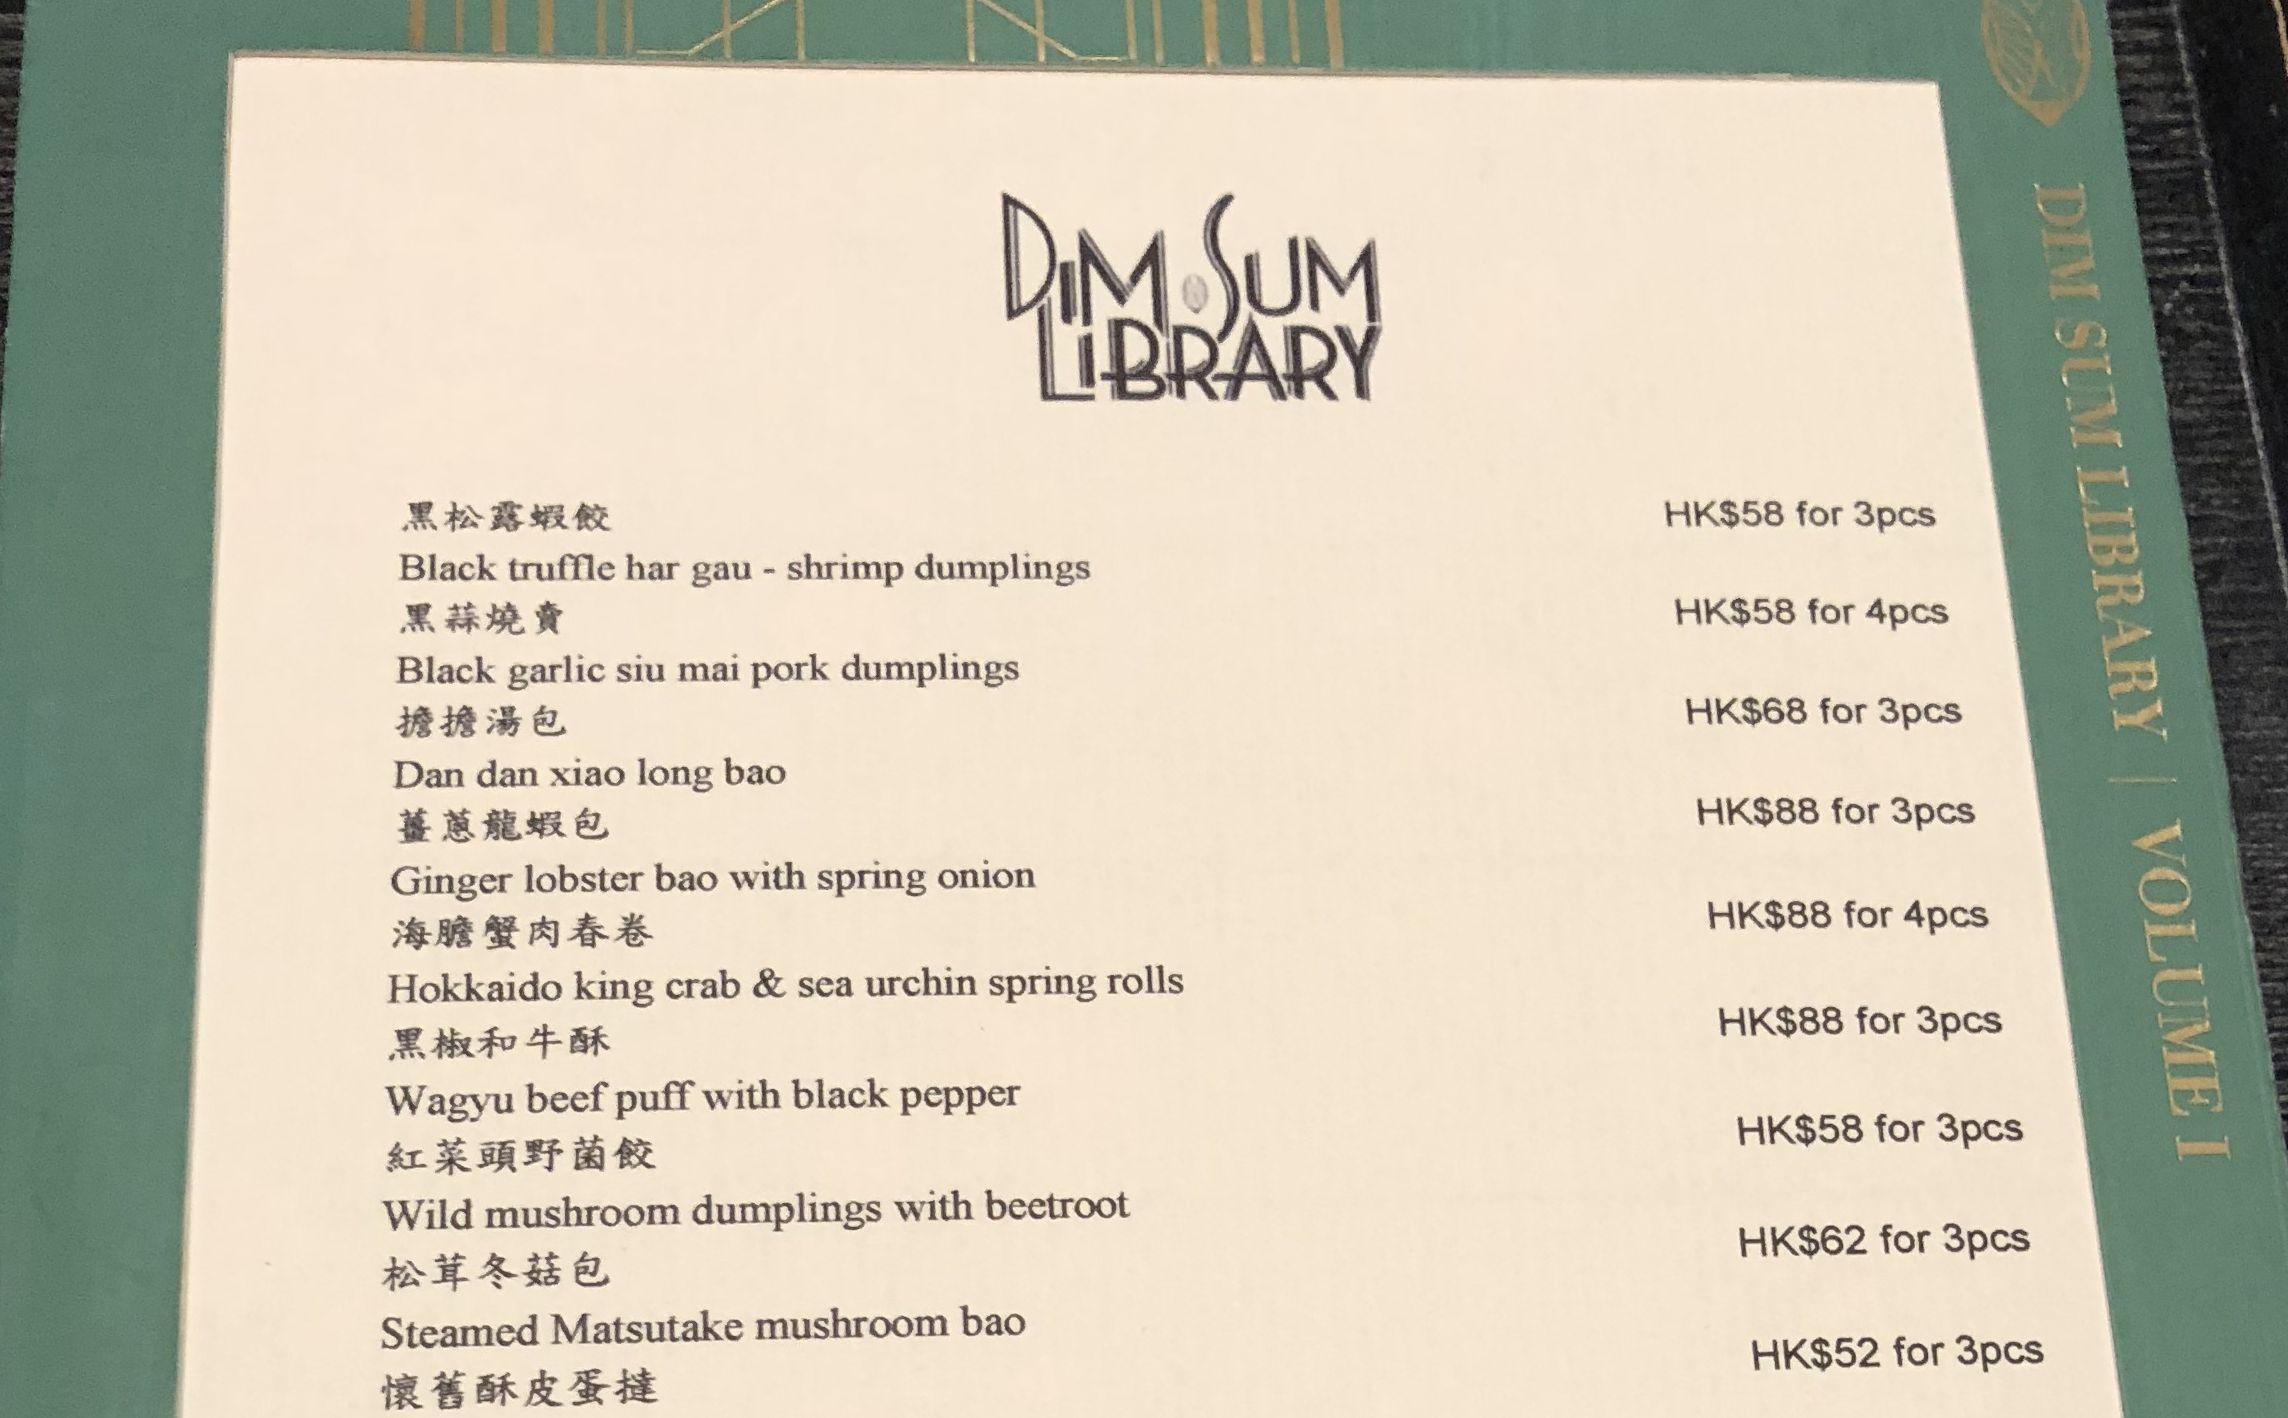 香港のDim Sum Libraryのメニュー